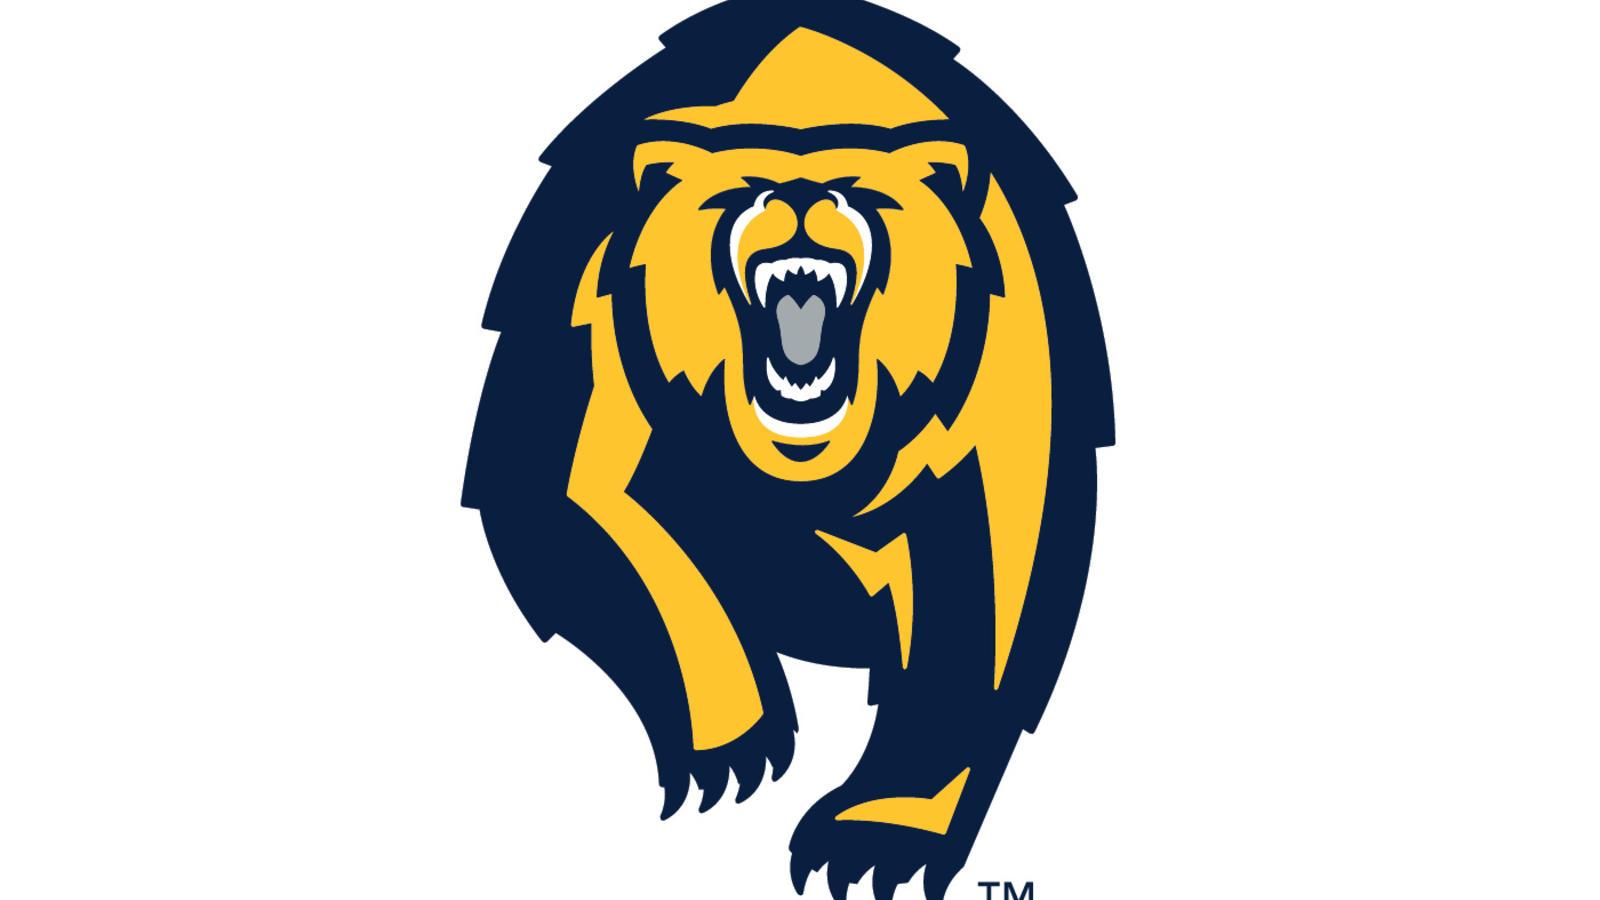 nike-cal-brand-identity-golden-bears-logo